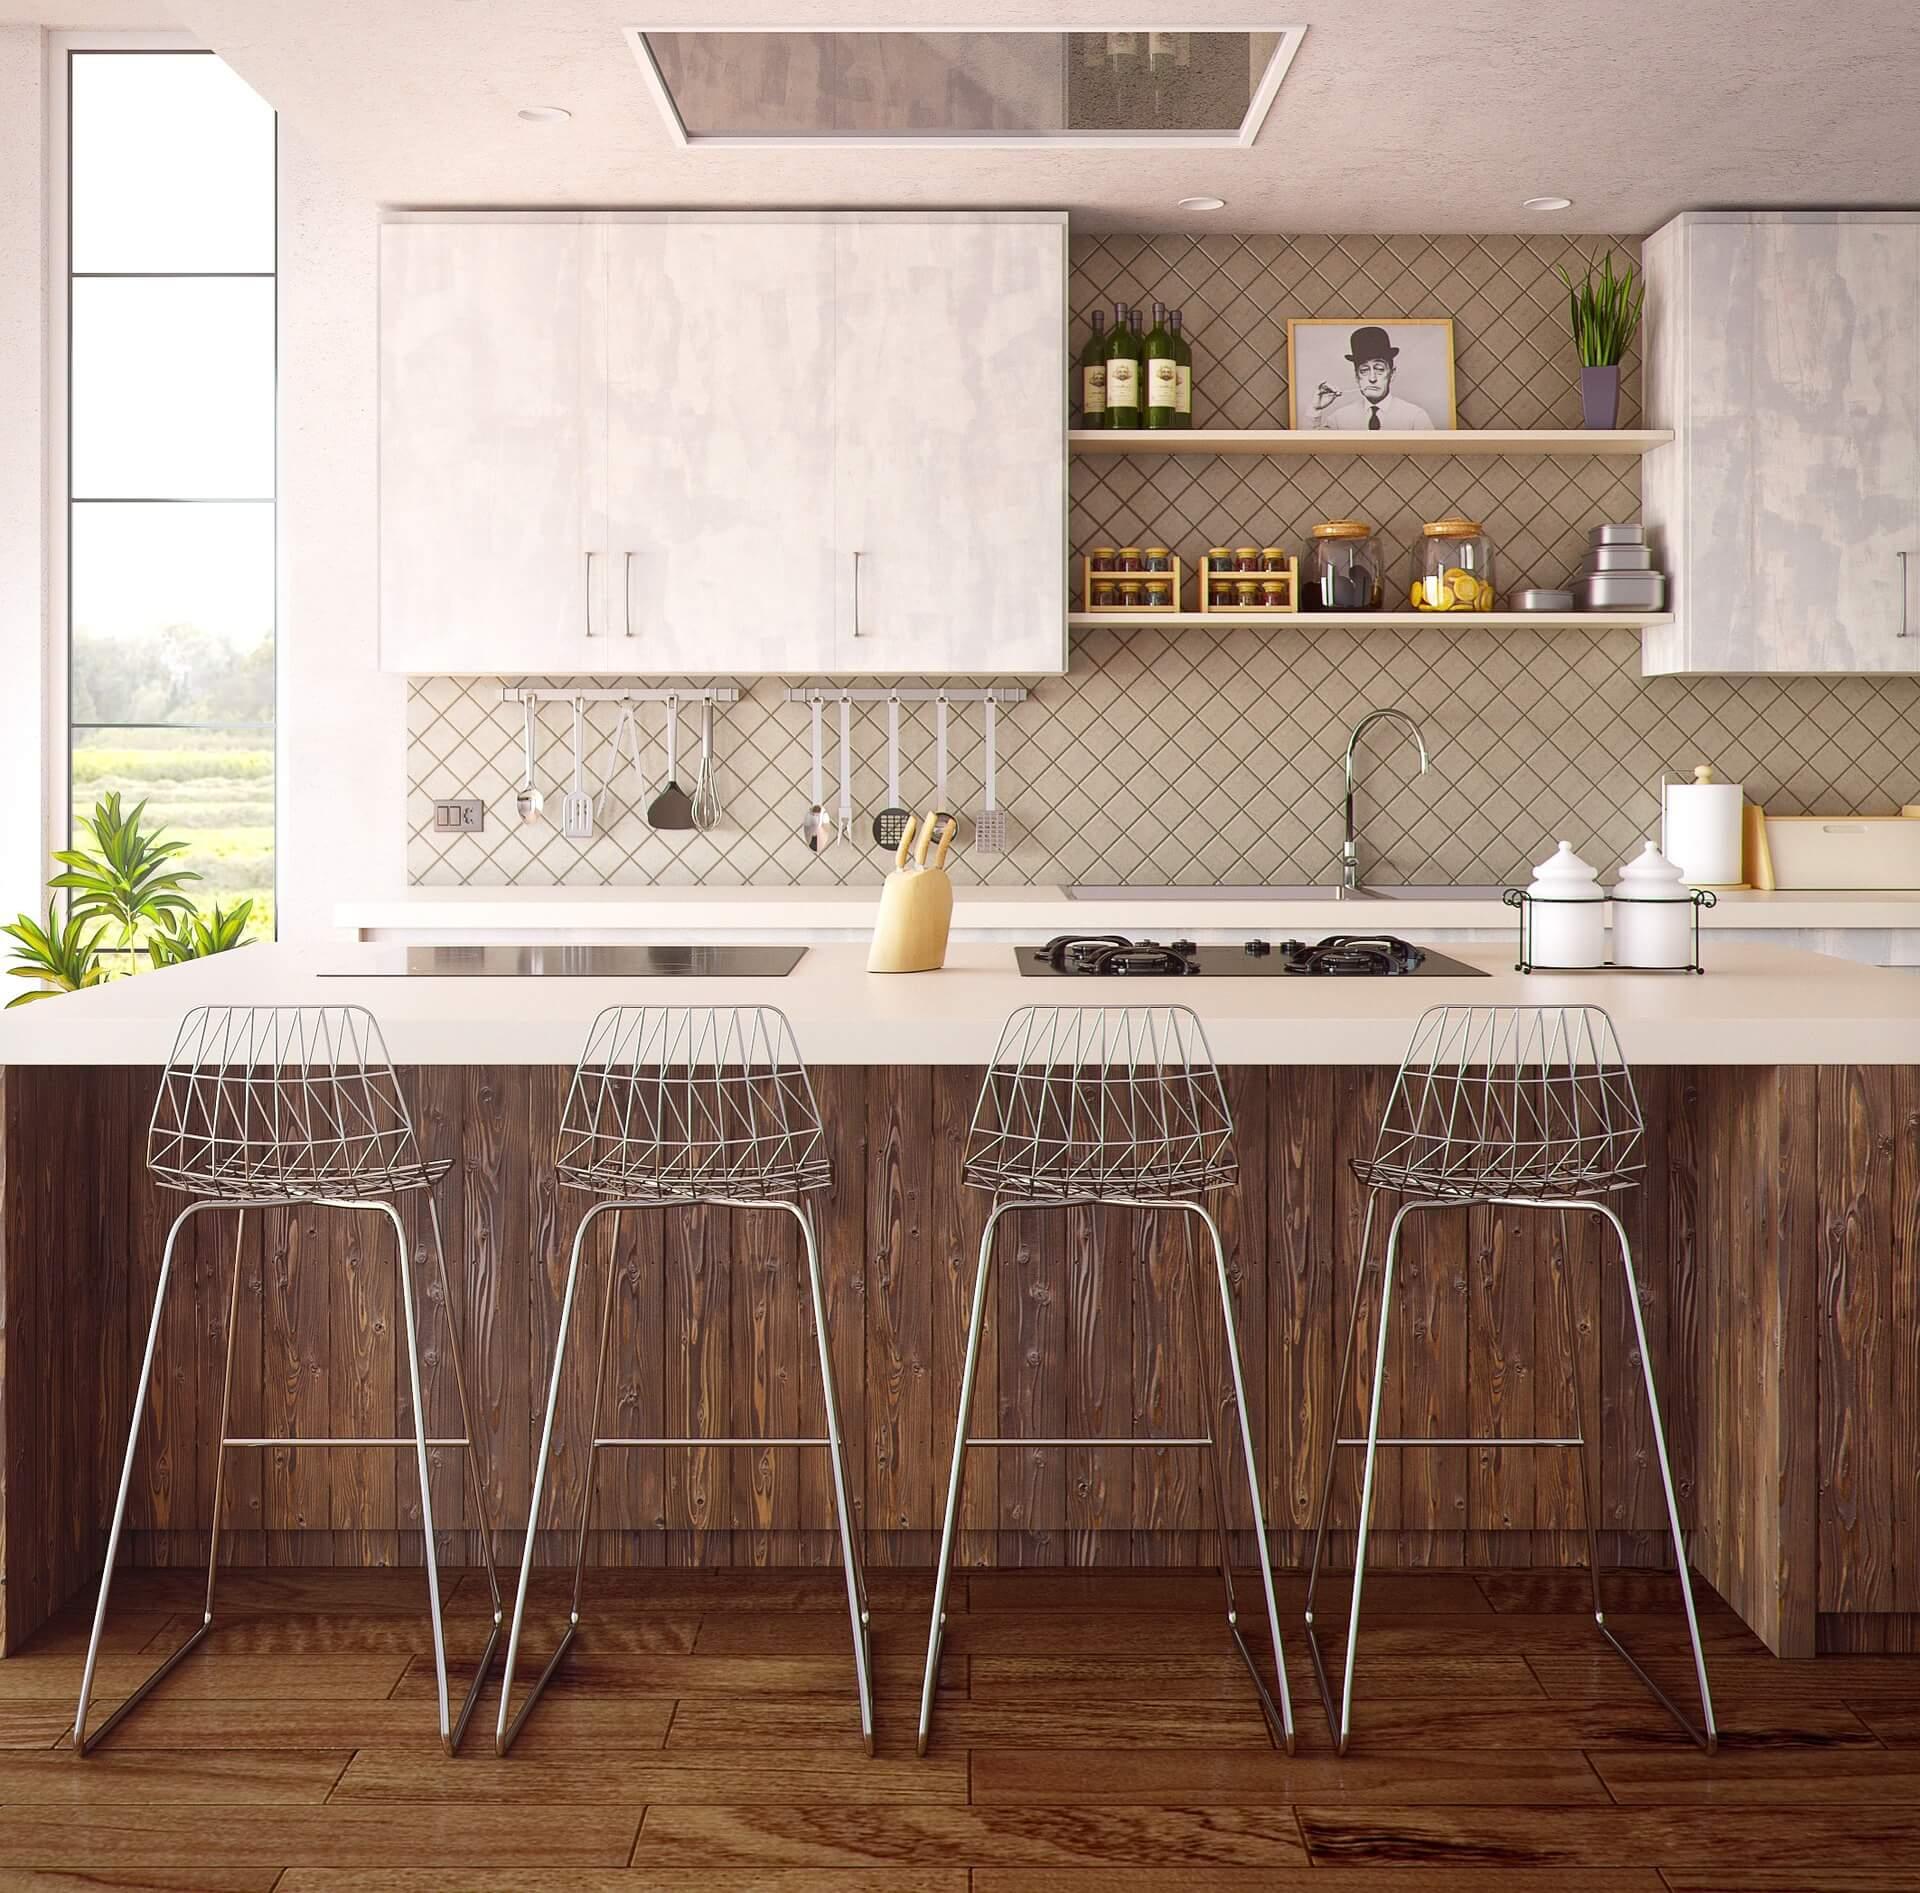 Een woonkeuken is vaak een centrale plek in de woning